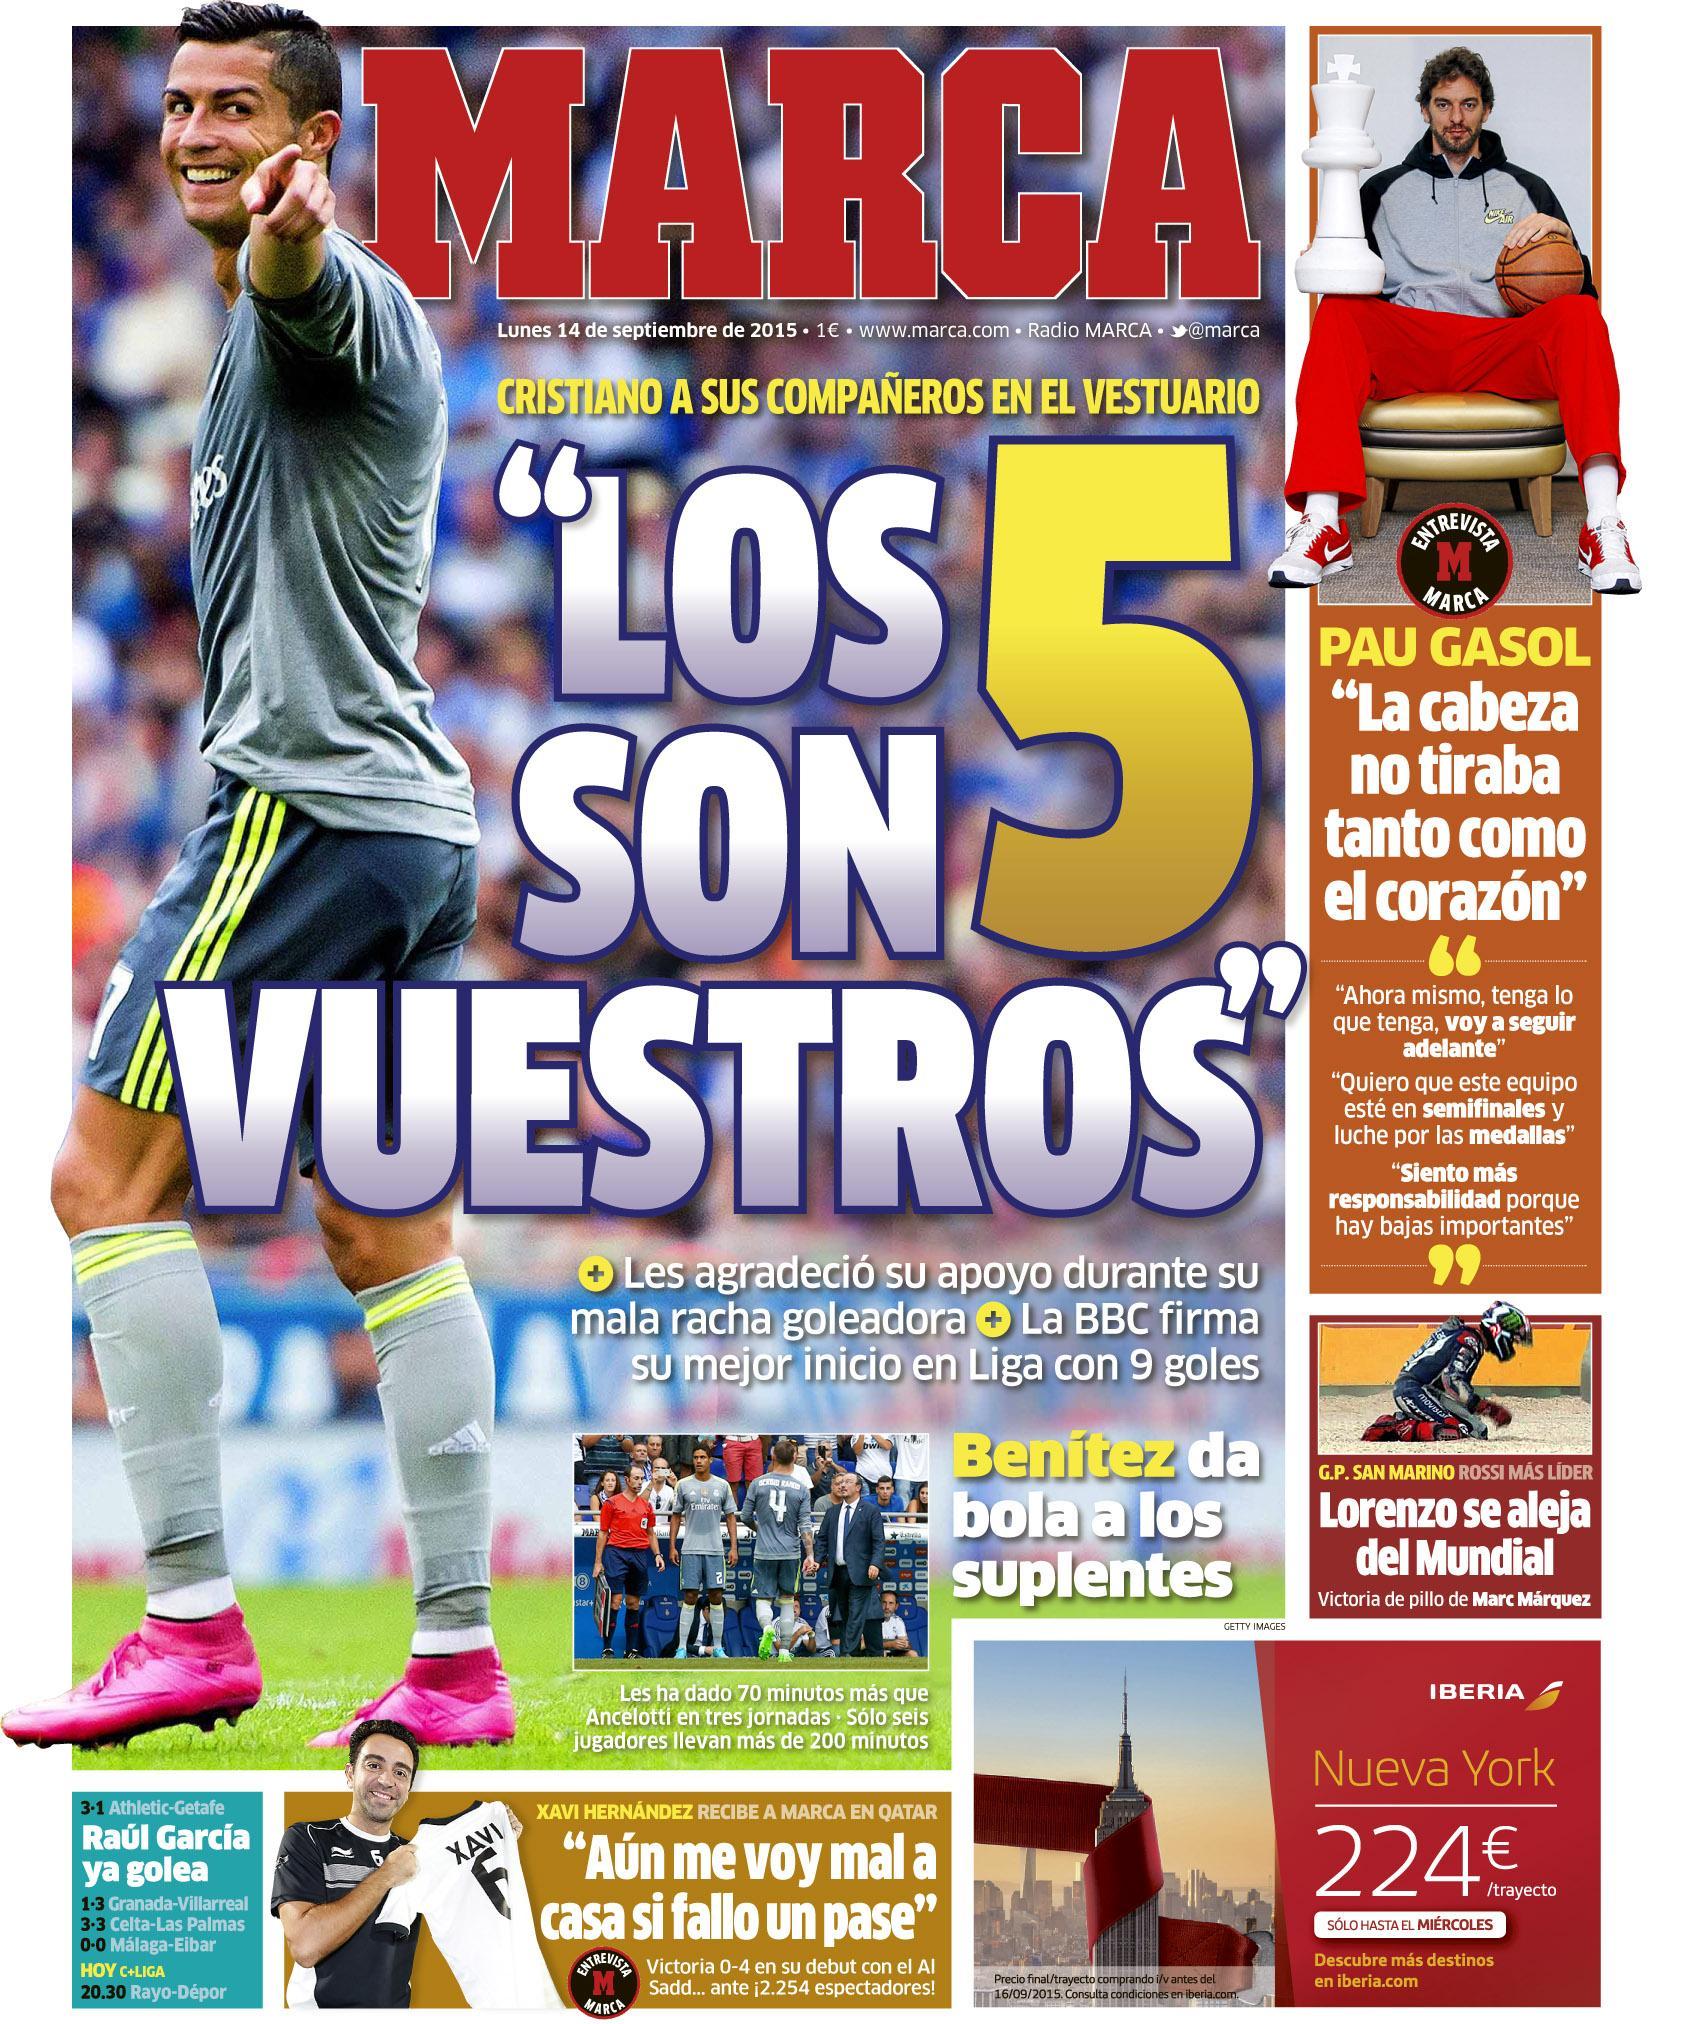 """""""Los 5 son vuestros"""" #LaPortada http://t.co/wAuWNbZRKo"""